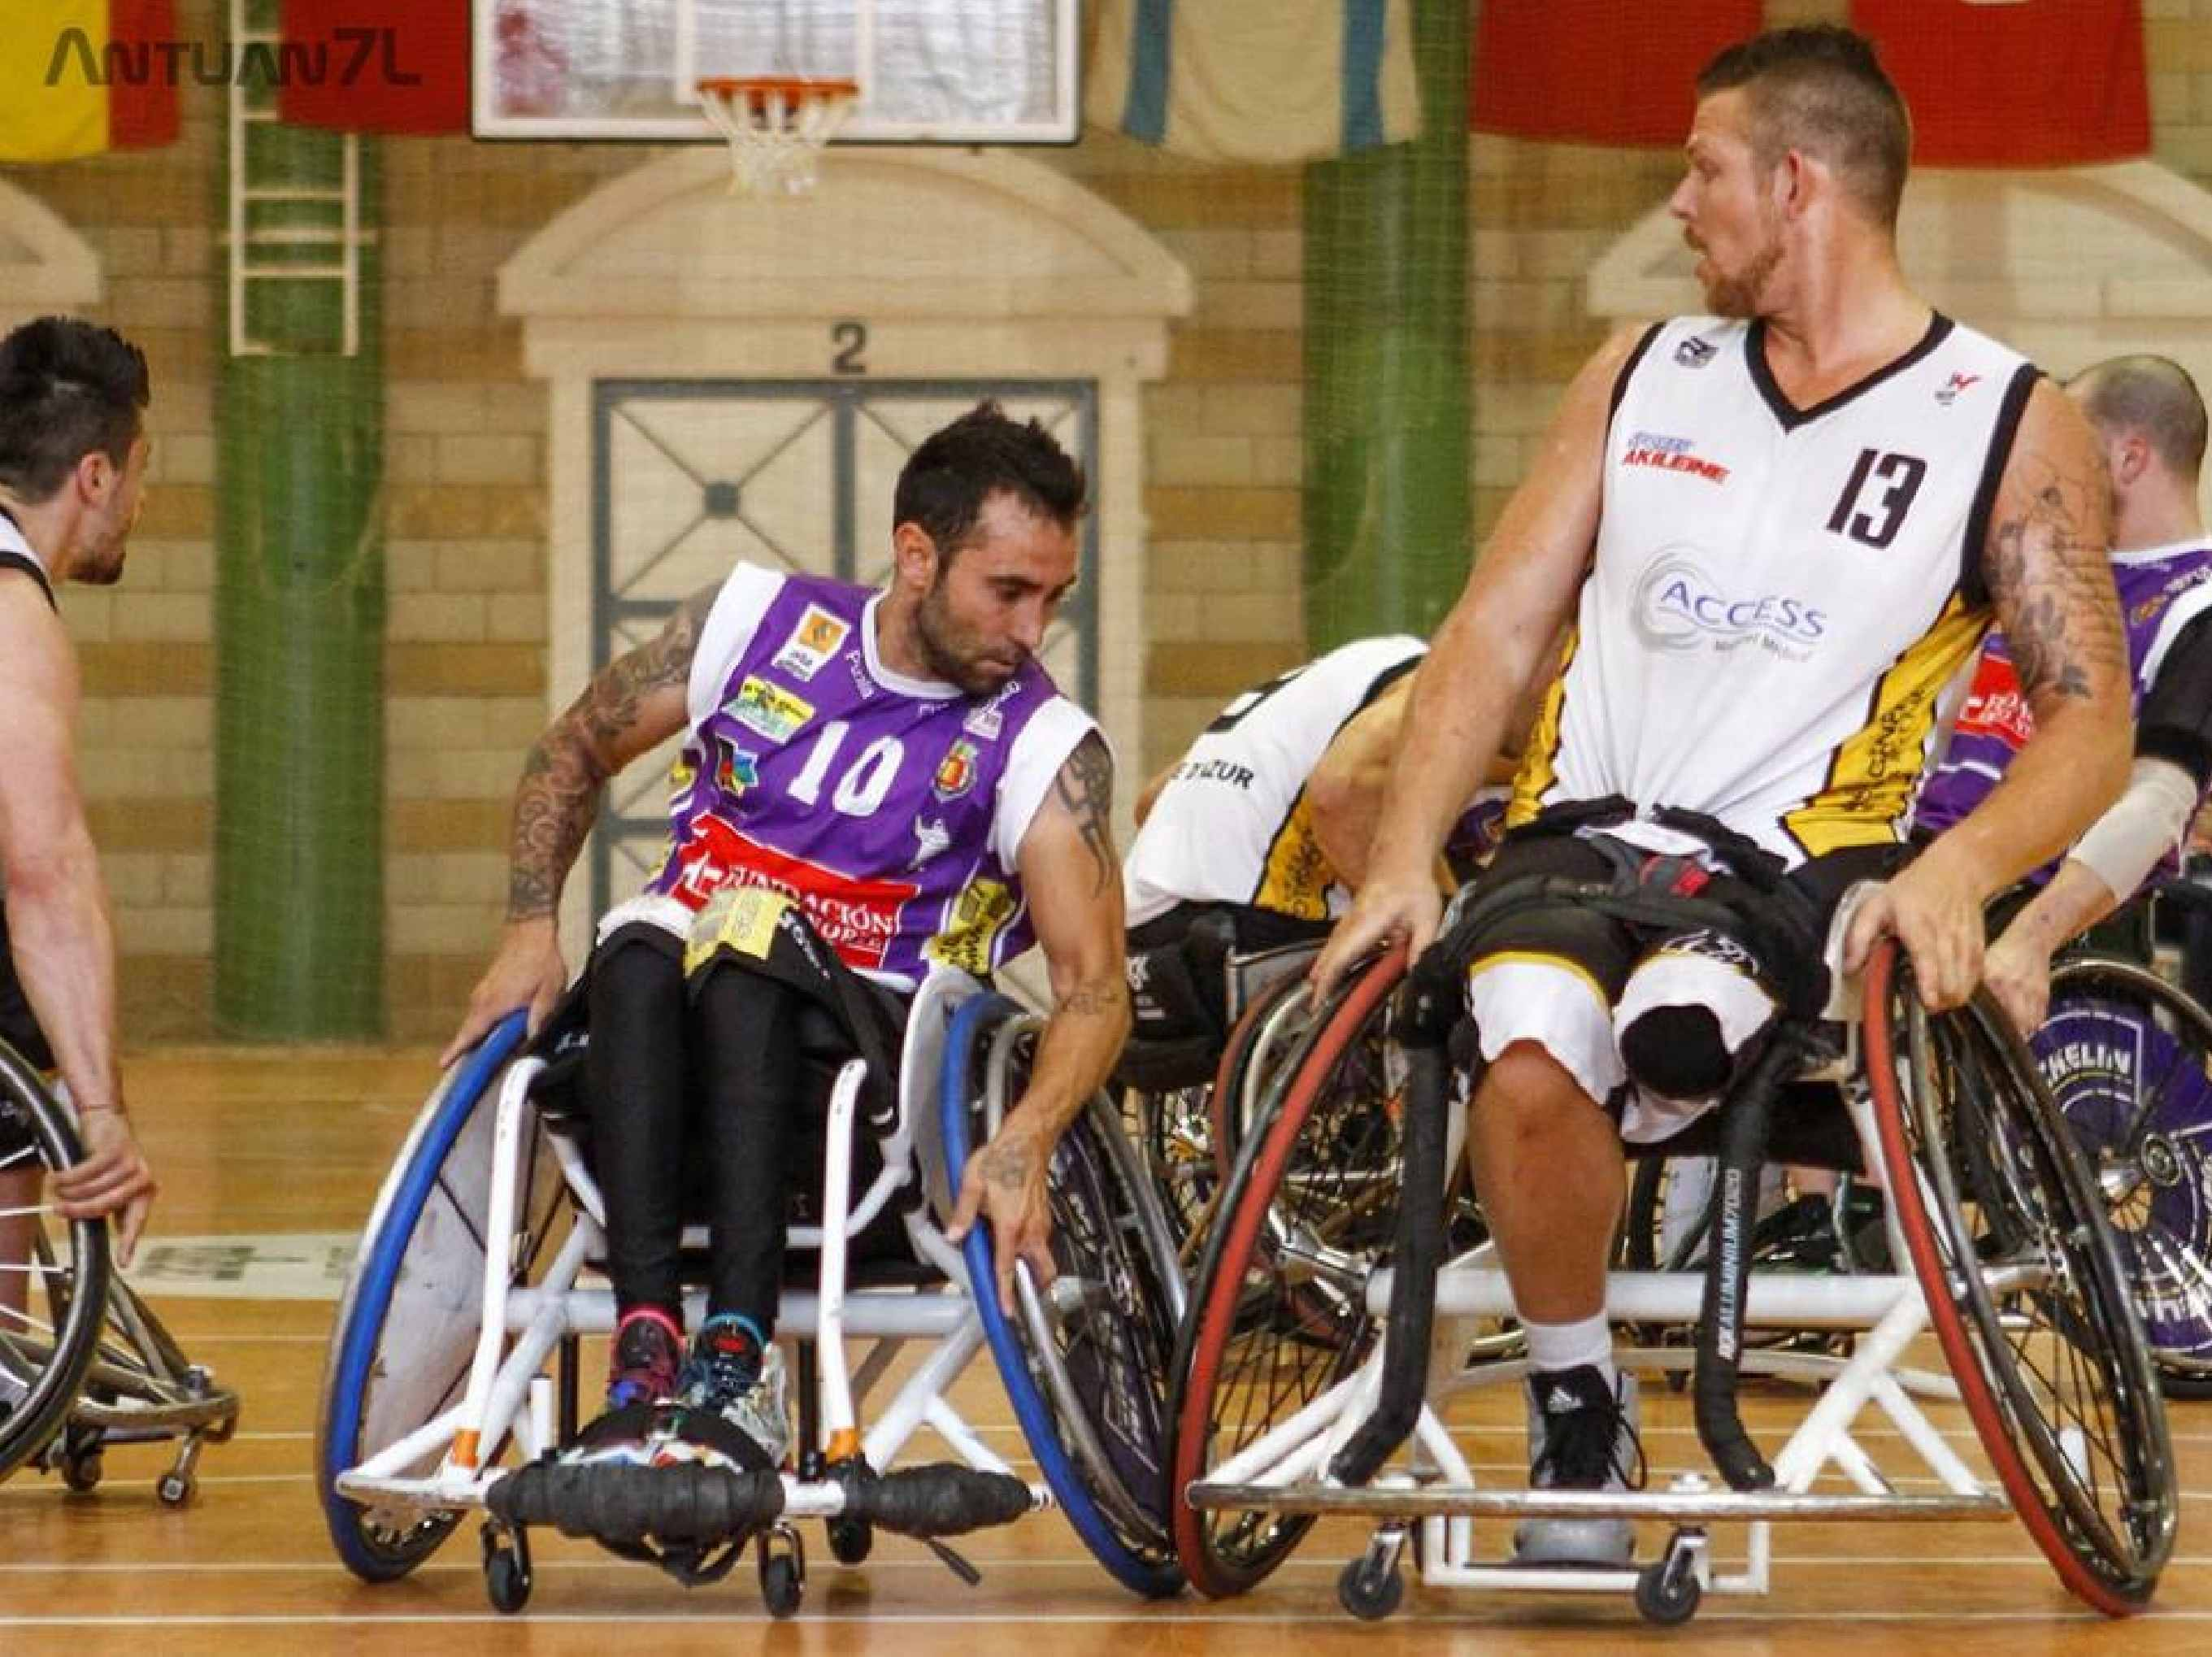 BSR Valladolid Web icial Baloncesto en silla de ruedas Valladolid